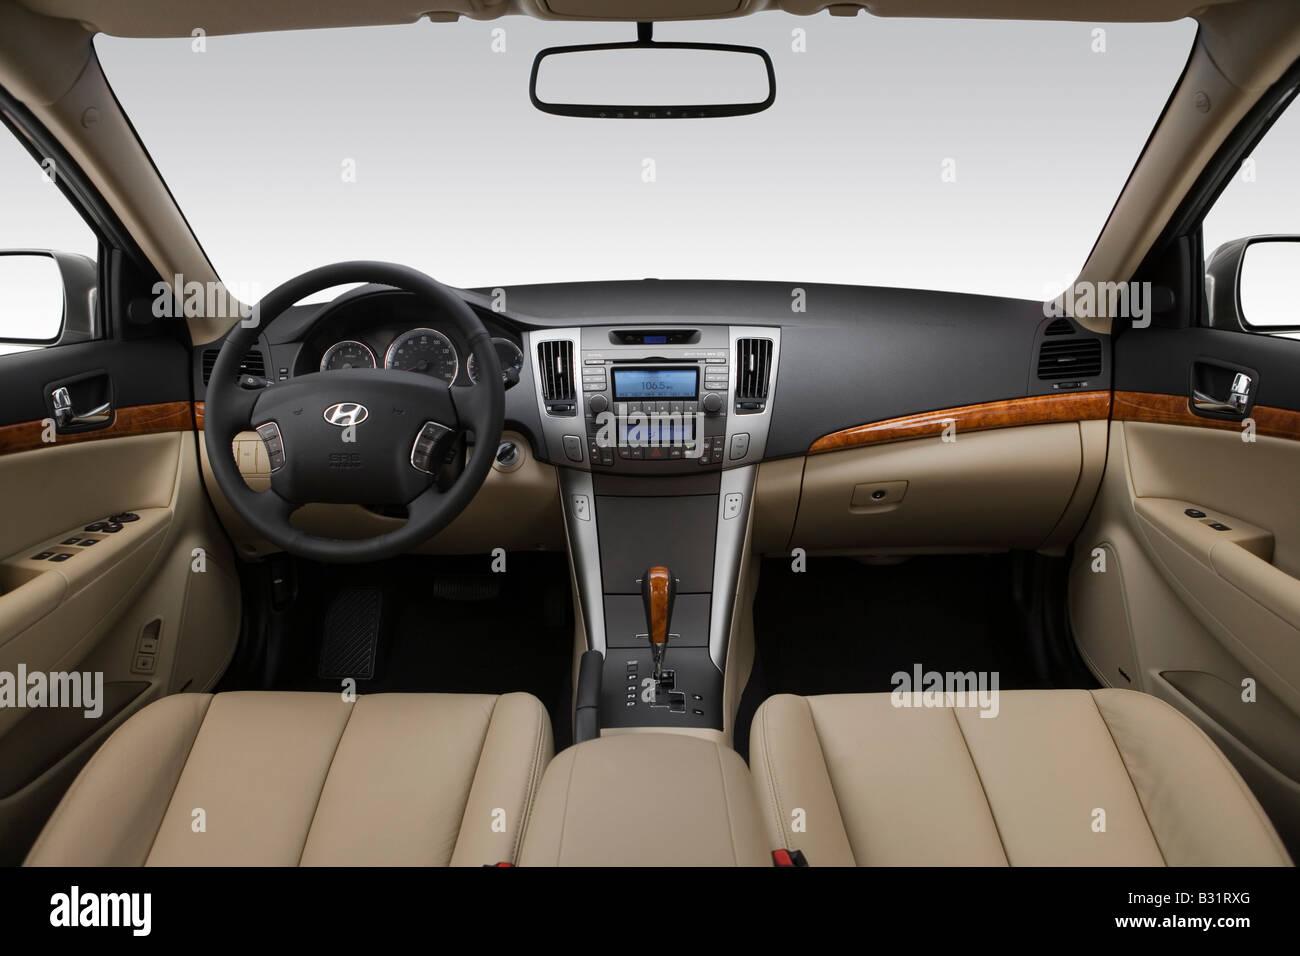 2009 Hyundai Sonata Limited V6 Em Bege   Painel De Bordo, Consola Central,  Vista De Mudança De Marchas